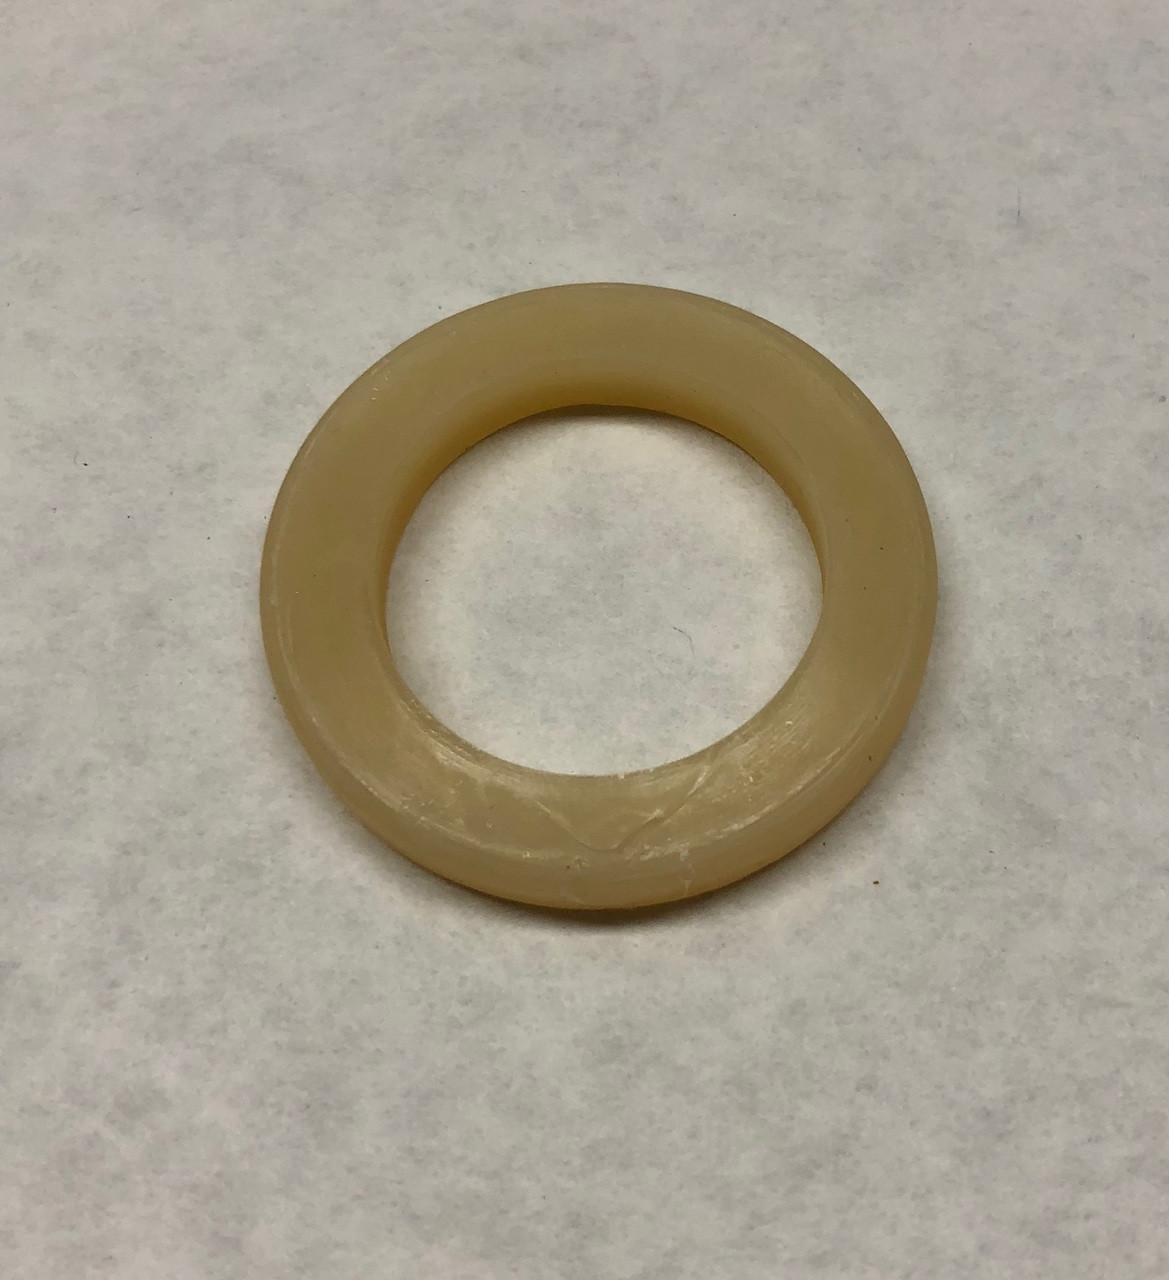 TorRey M32 Plastic Nylon Washer - 05-1451